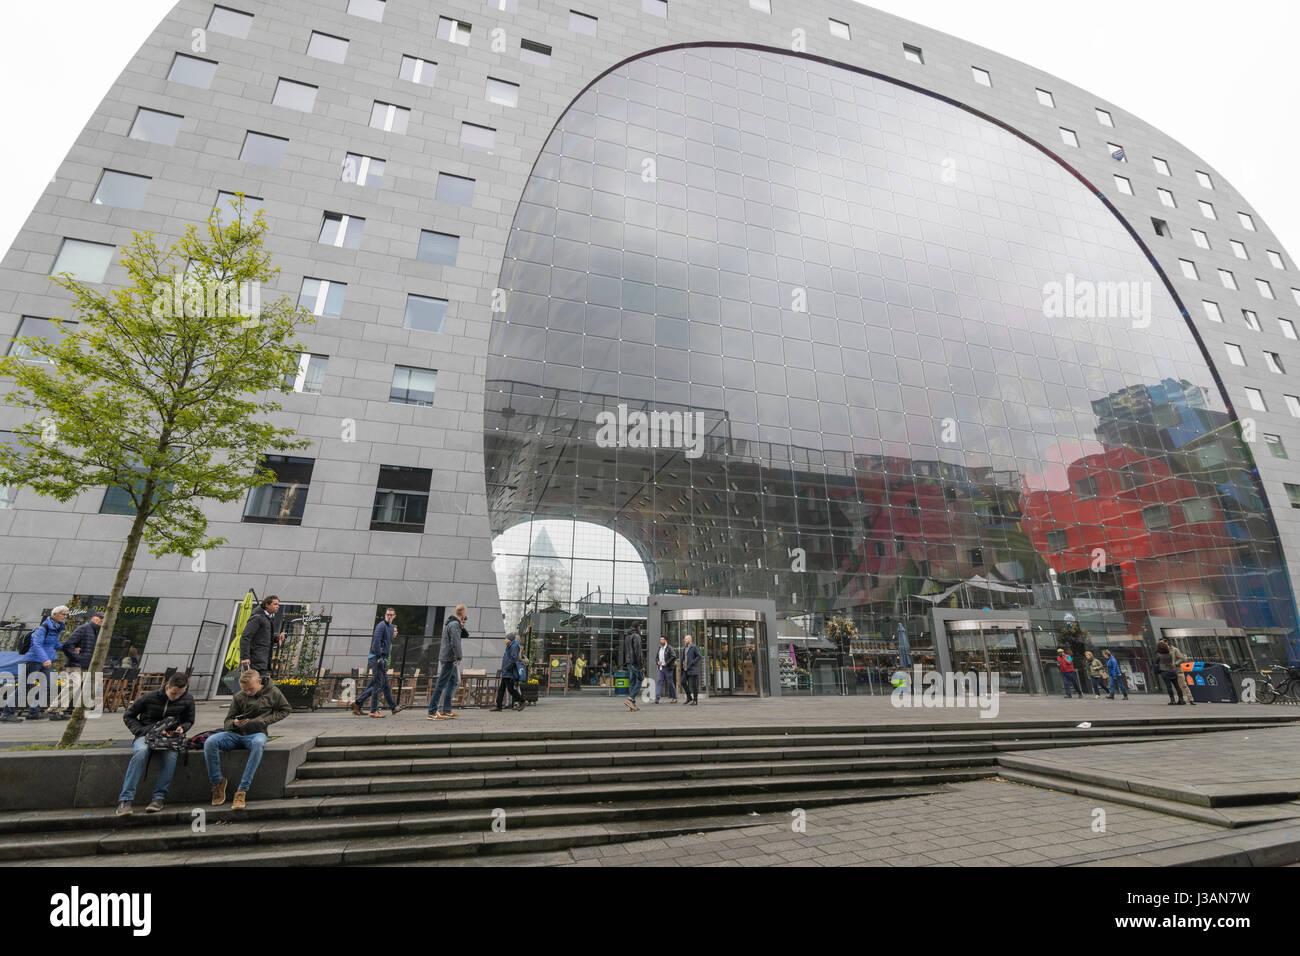 Moderne Architektur Mit Monumentalen Und Multifunktionale Gebaude